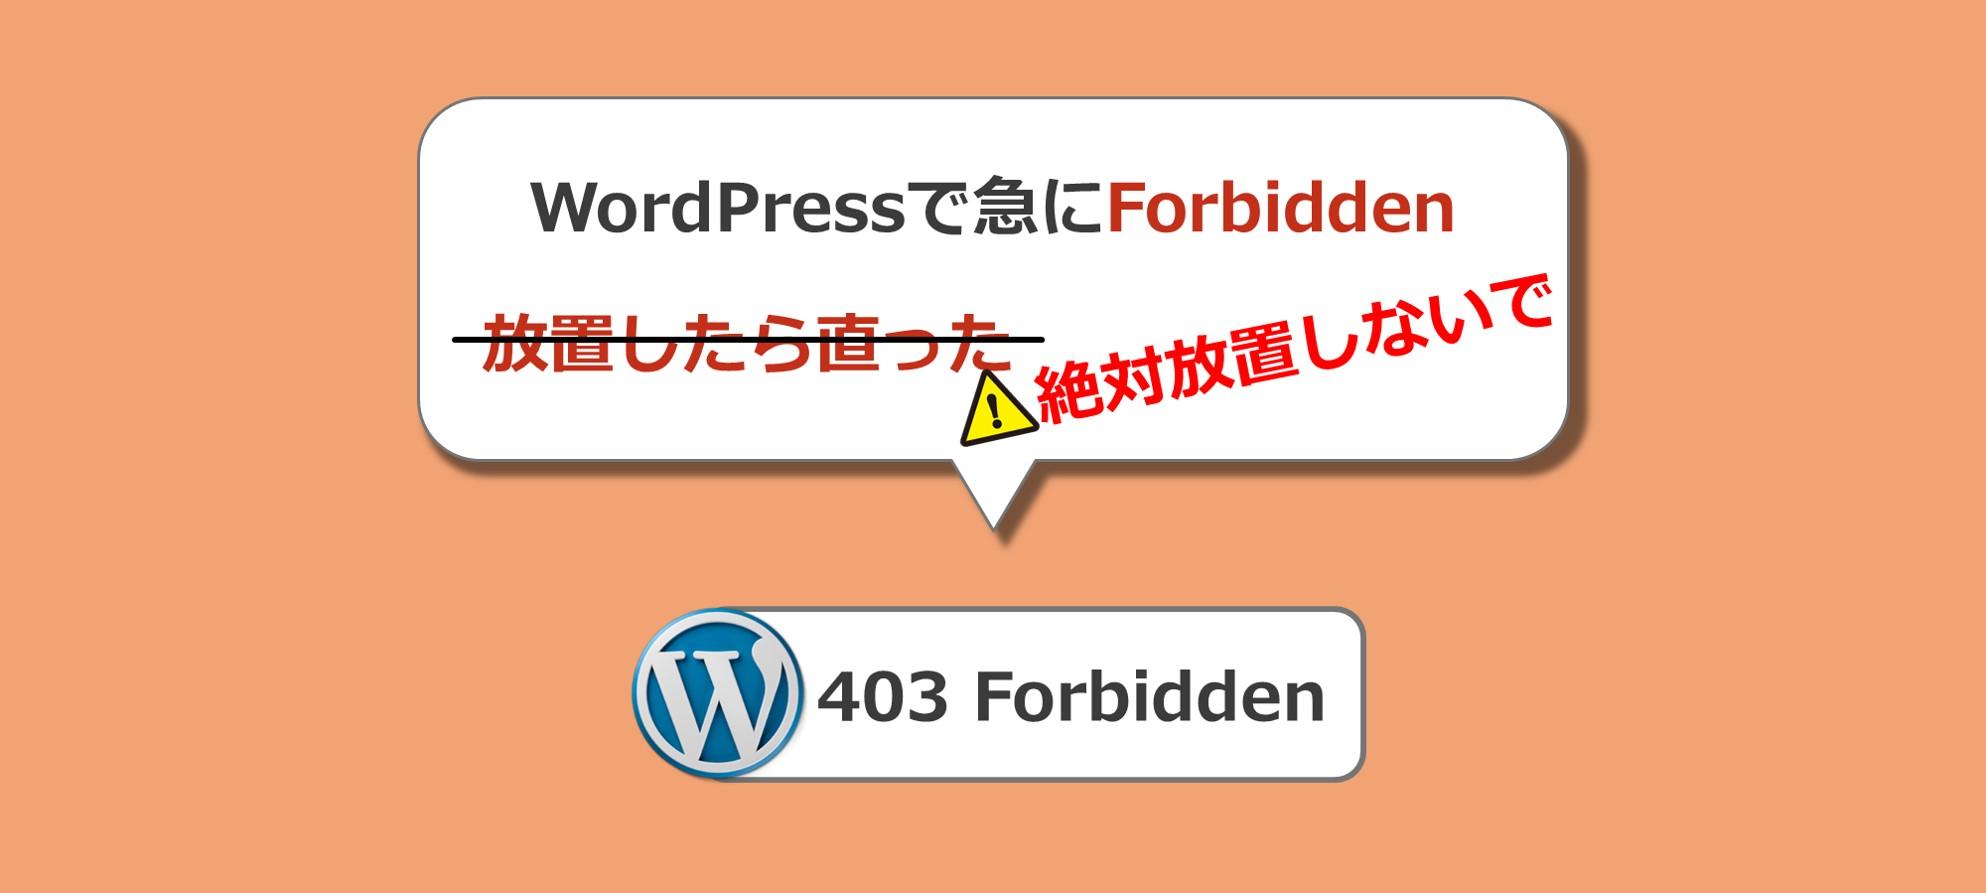 WordPressで急に「Forbidden You don't have permission~」はレンタルサーバーのアカウント凍結